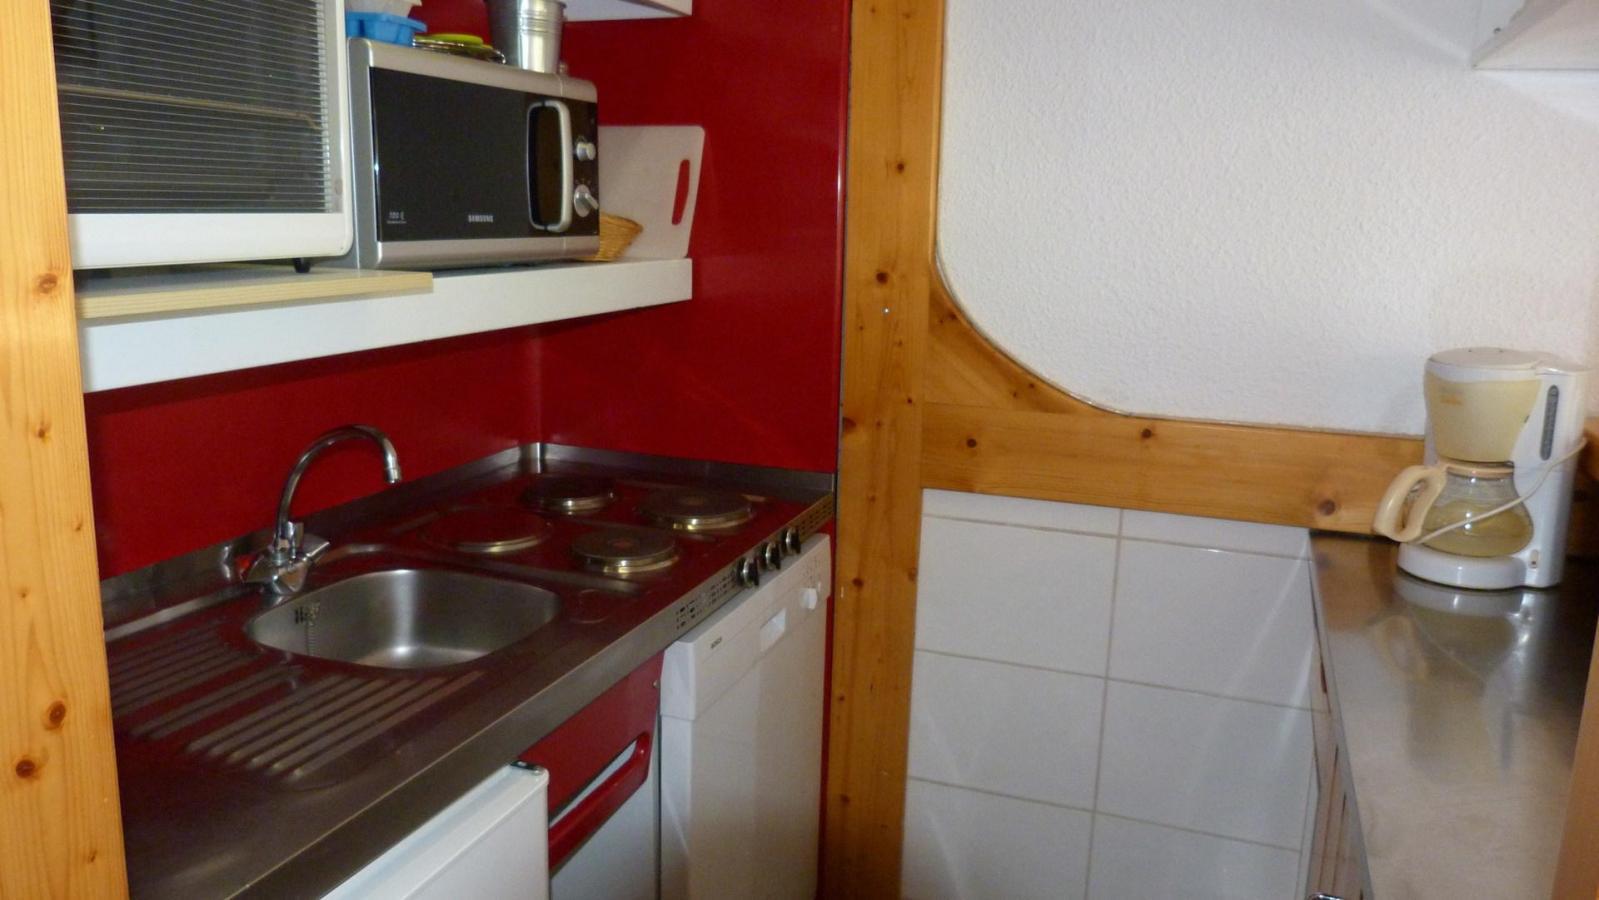 Location au ski Appartement 2 pièces 5 personnes (305) - Residence Les Tournavelles - Les Arcs - Extérieur hiver